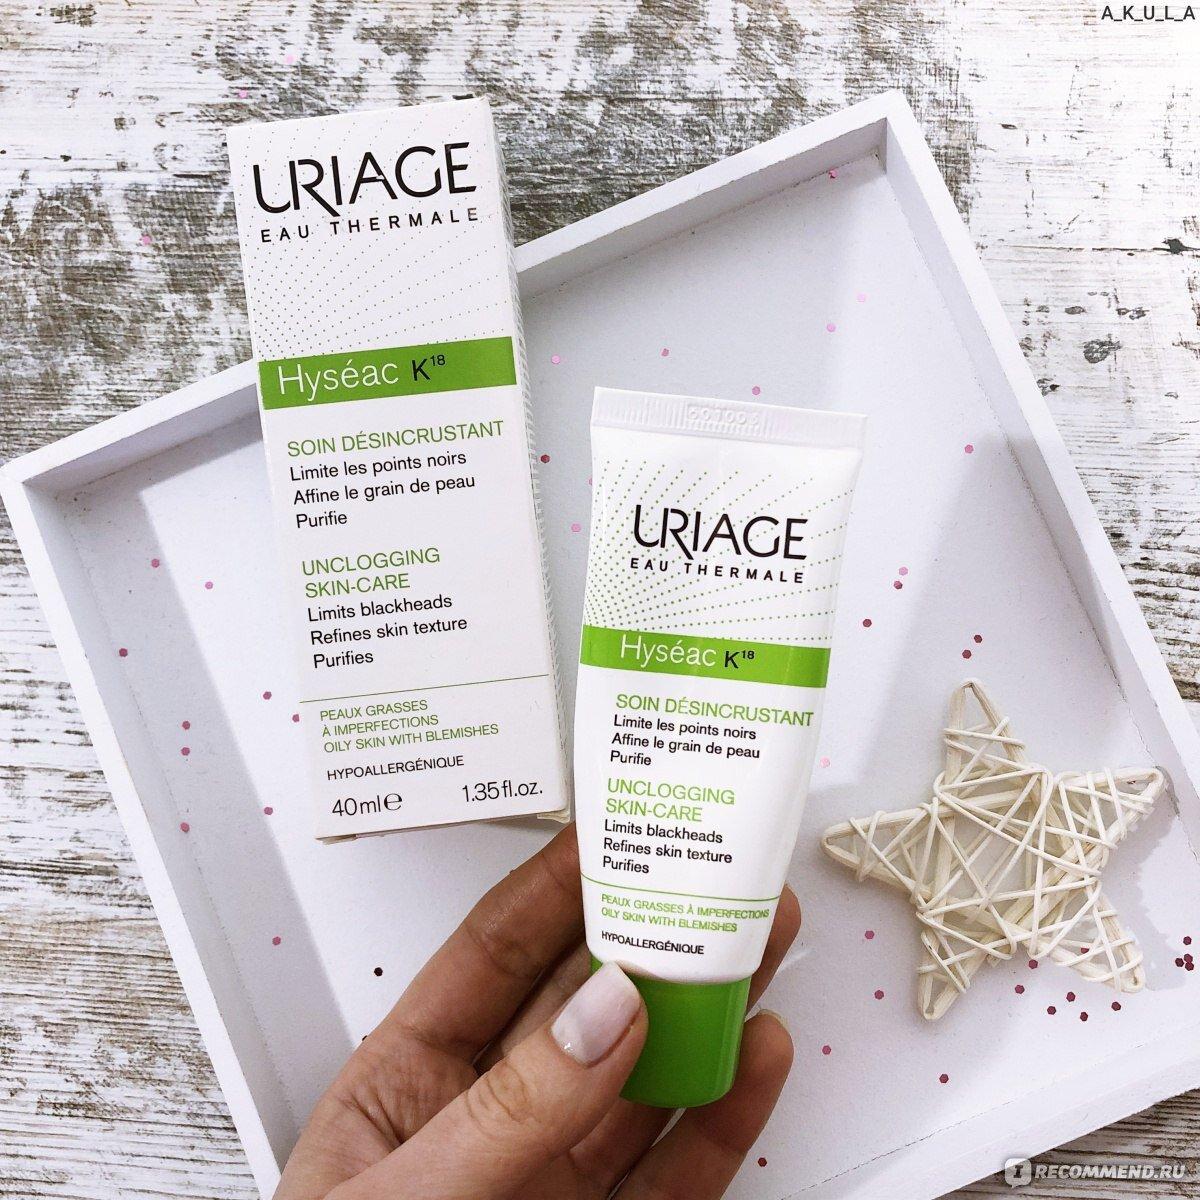 Uriage Hyséac K18 mang lại hiệu quả trị mụn đáng kinh ngạc, nhất là làn da dầu mụn